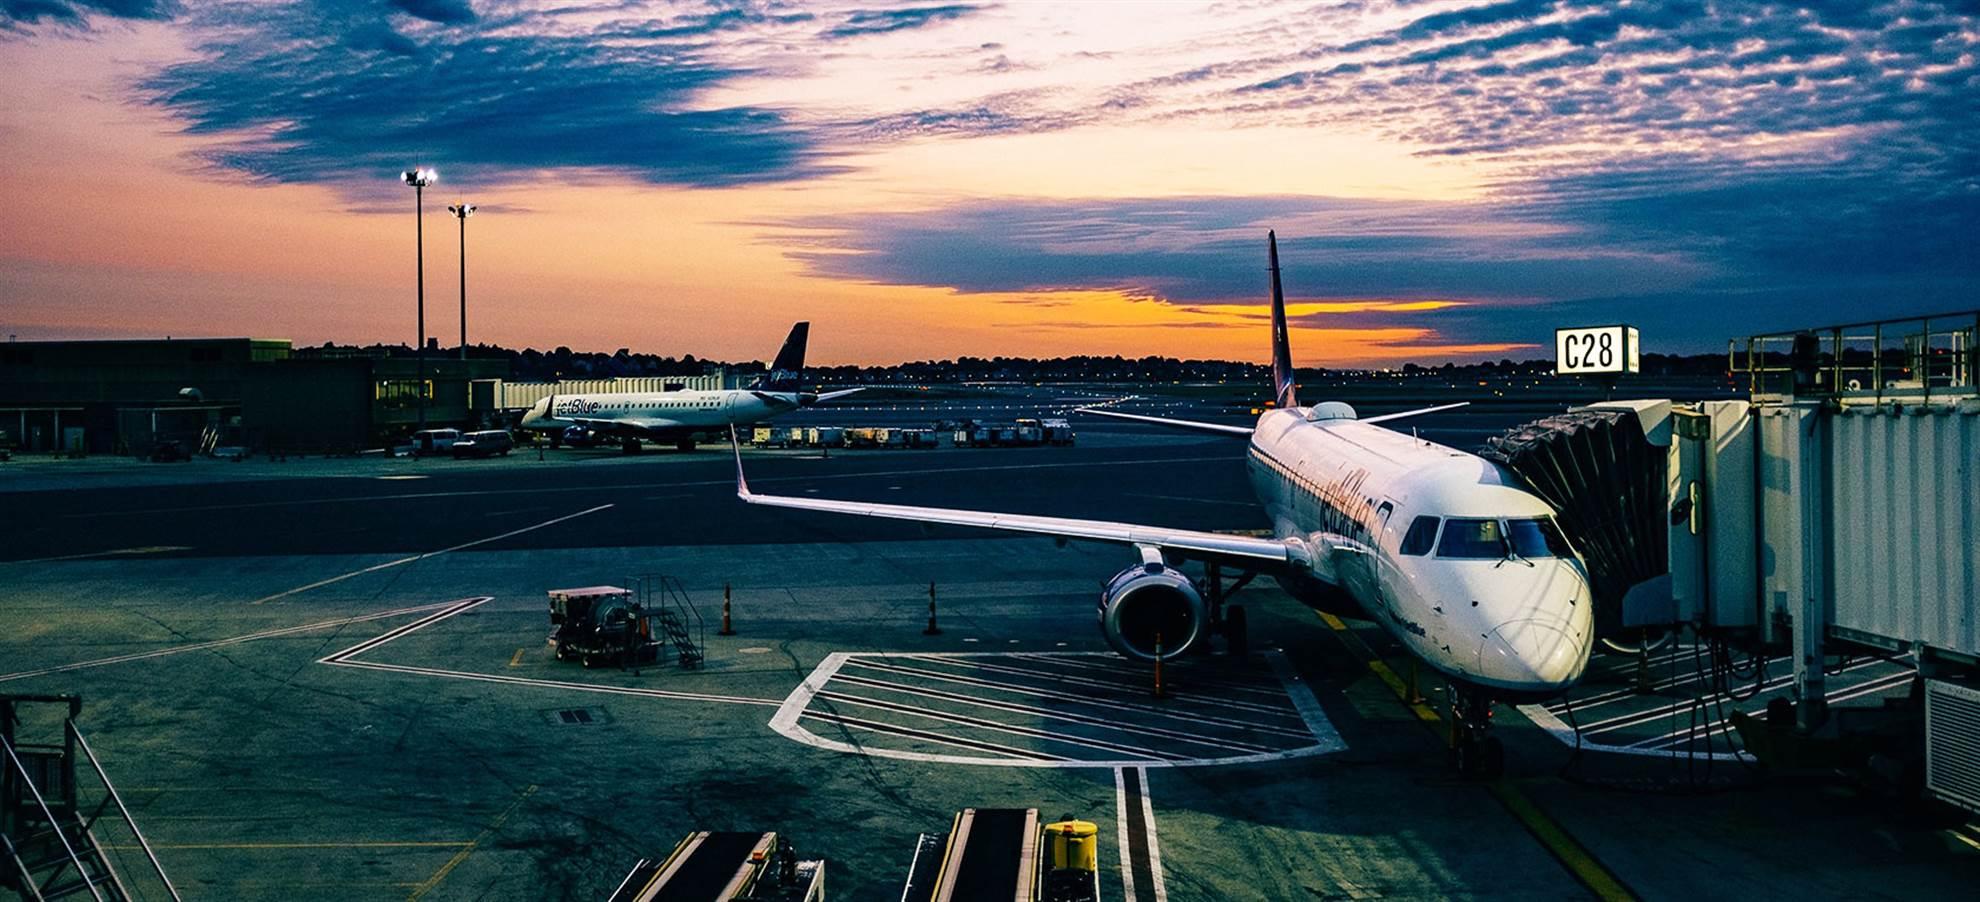 Transferência Aeroporto de Oslo Gardermoen